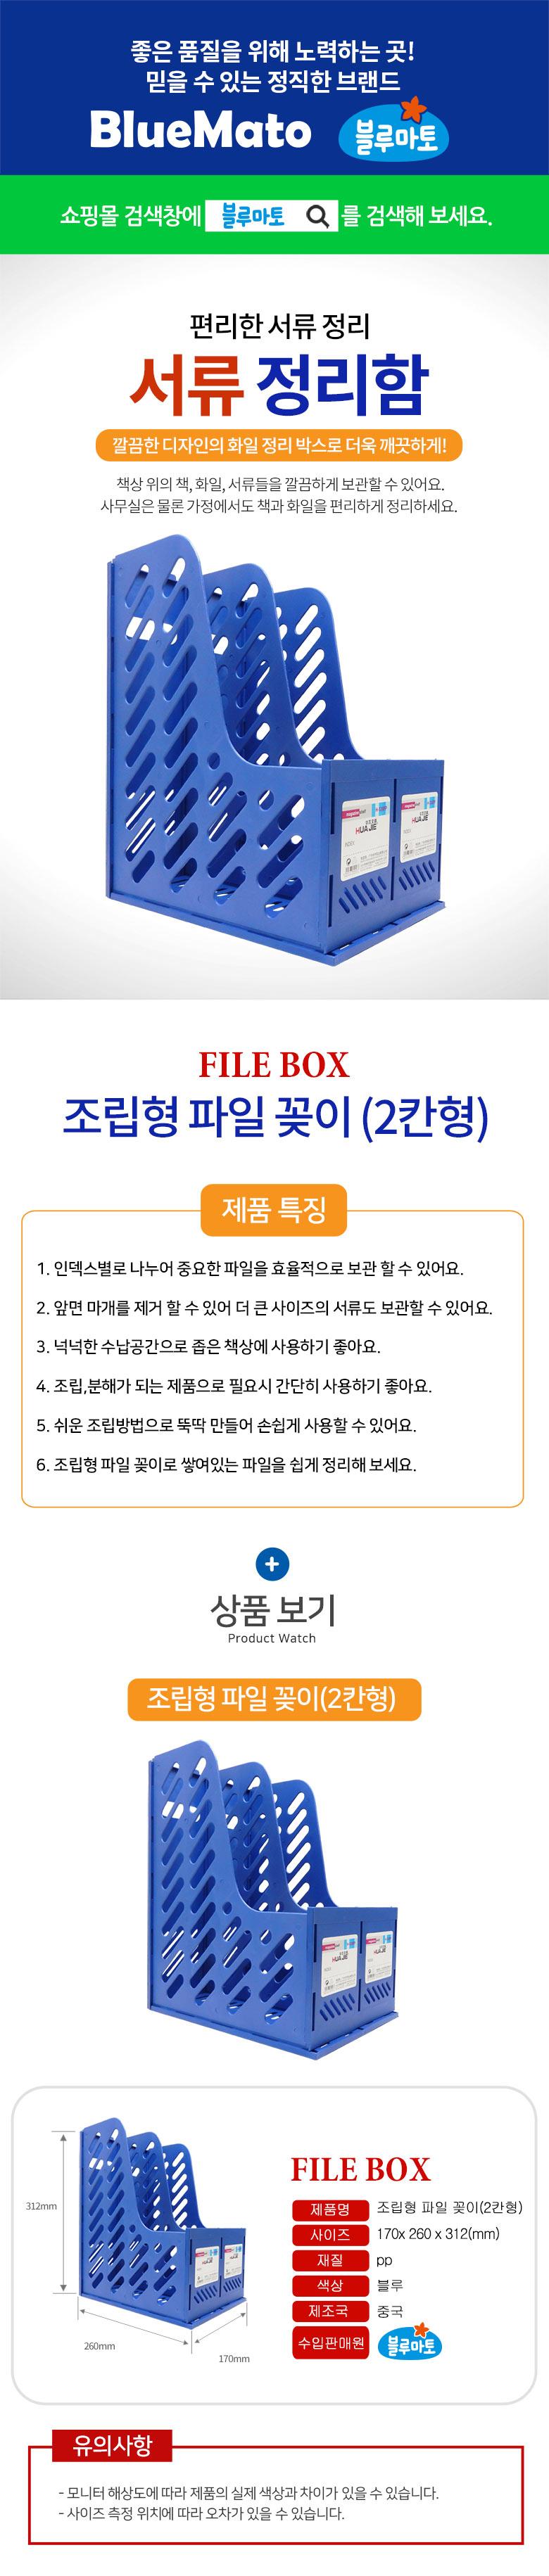 조립형 파일 꽂이_2칸형 - 블루마토, 5,800원, 데스크정리, 서류/파일홀더